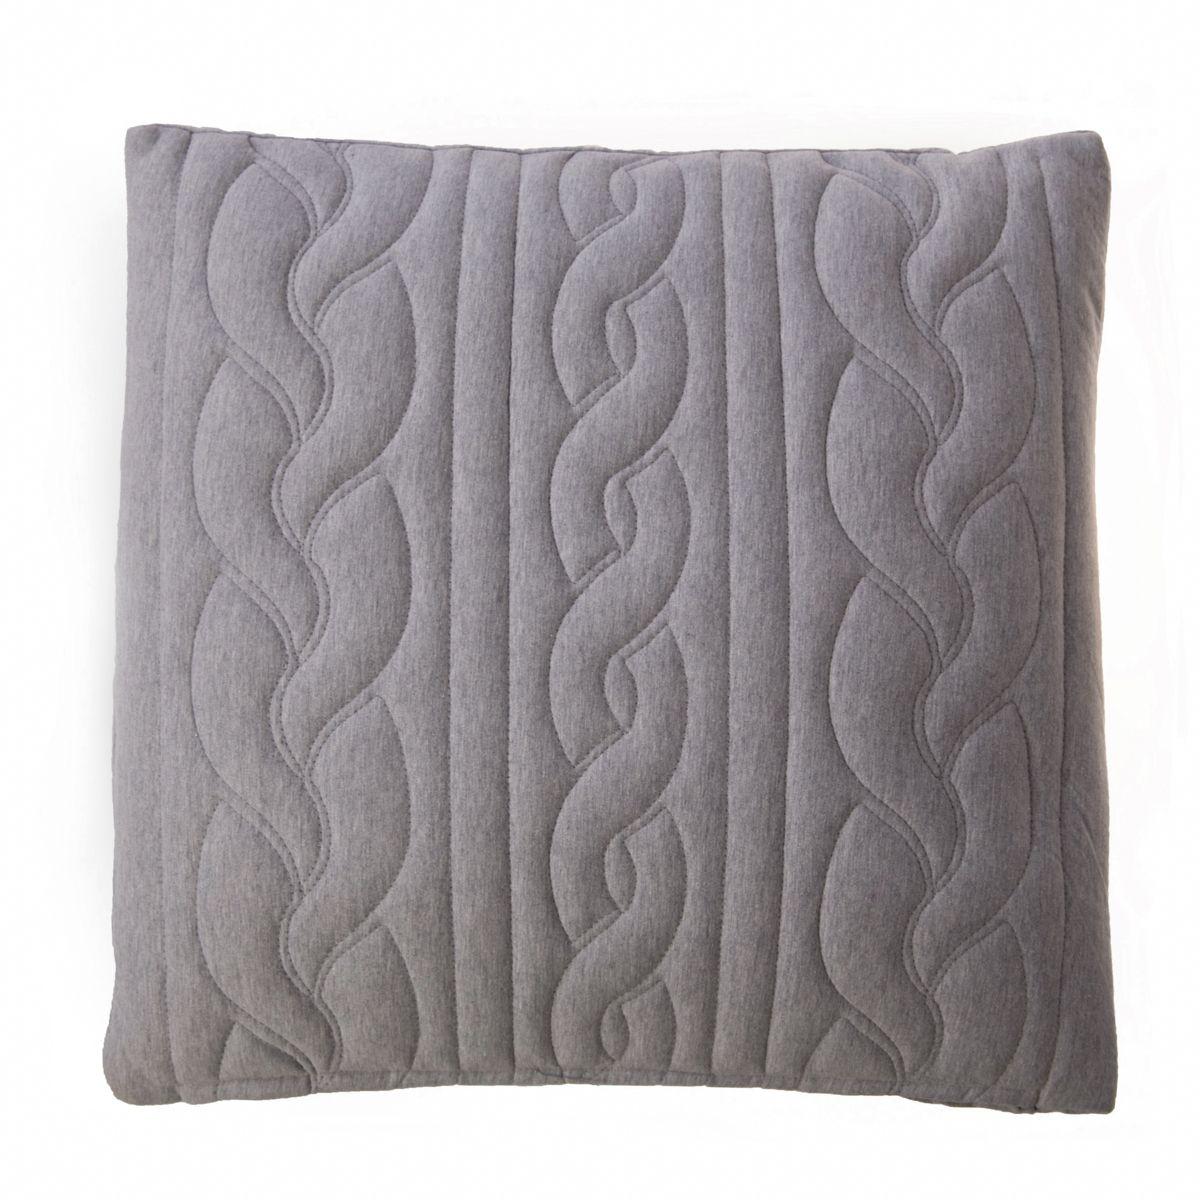 Housse de coussin grise brodée en laine 45 x 45 cm